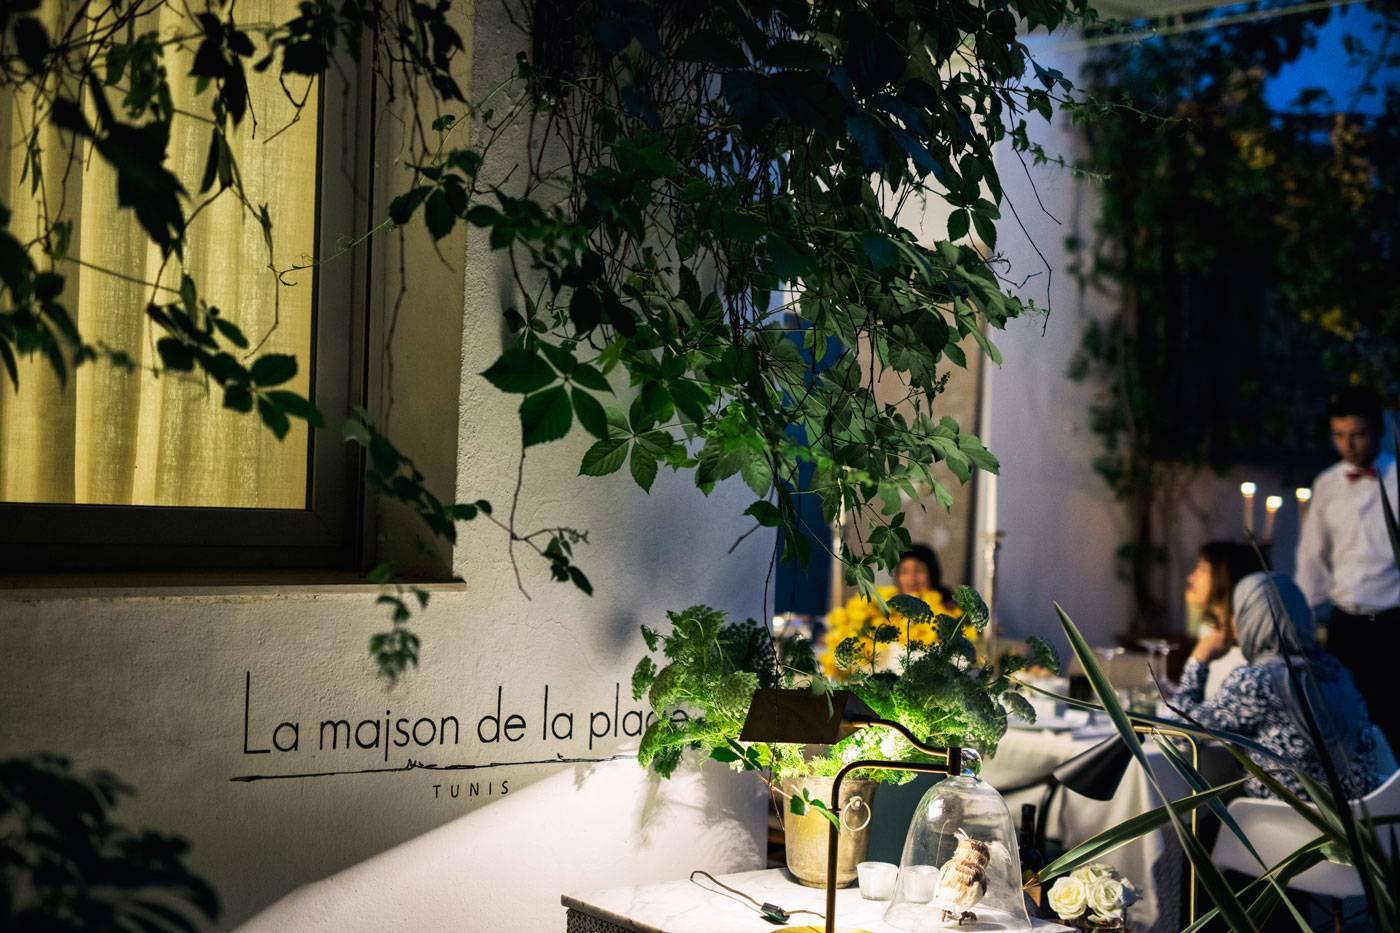 La maison de la plage de hajer azzouz d barque paris avec six artistes tunisiens id es d co - Maison des artistes paris ...